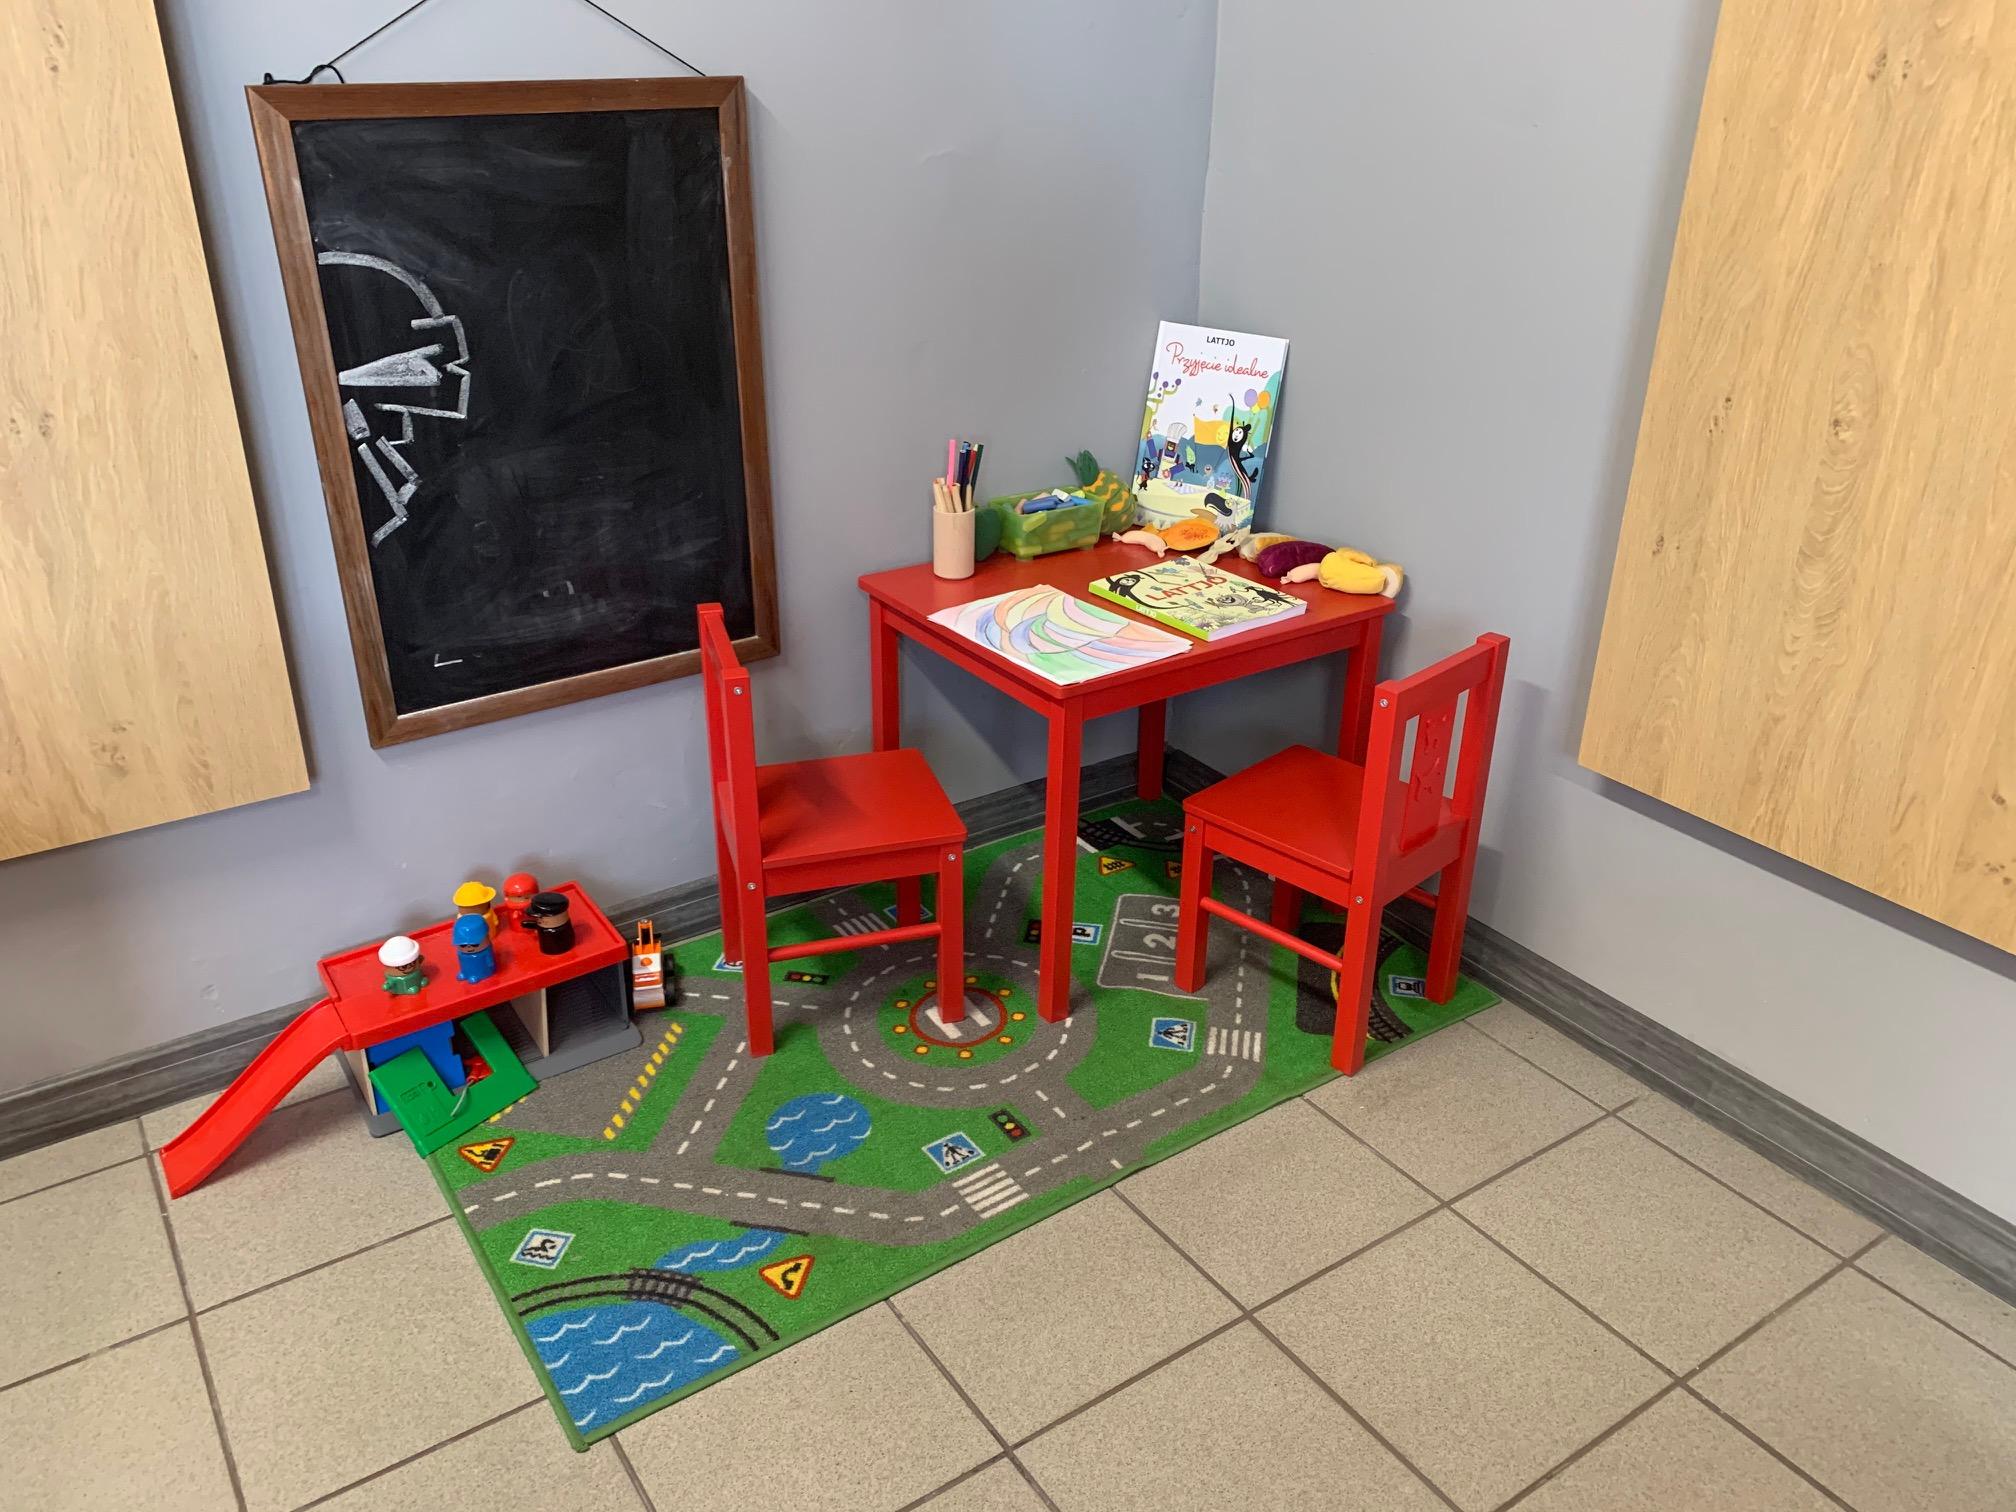 pokój dla dzieci - Oponka.com